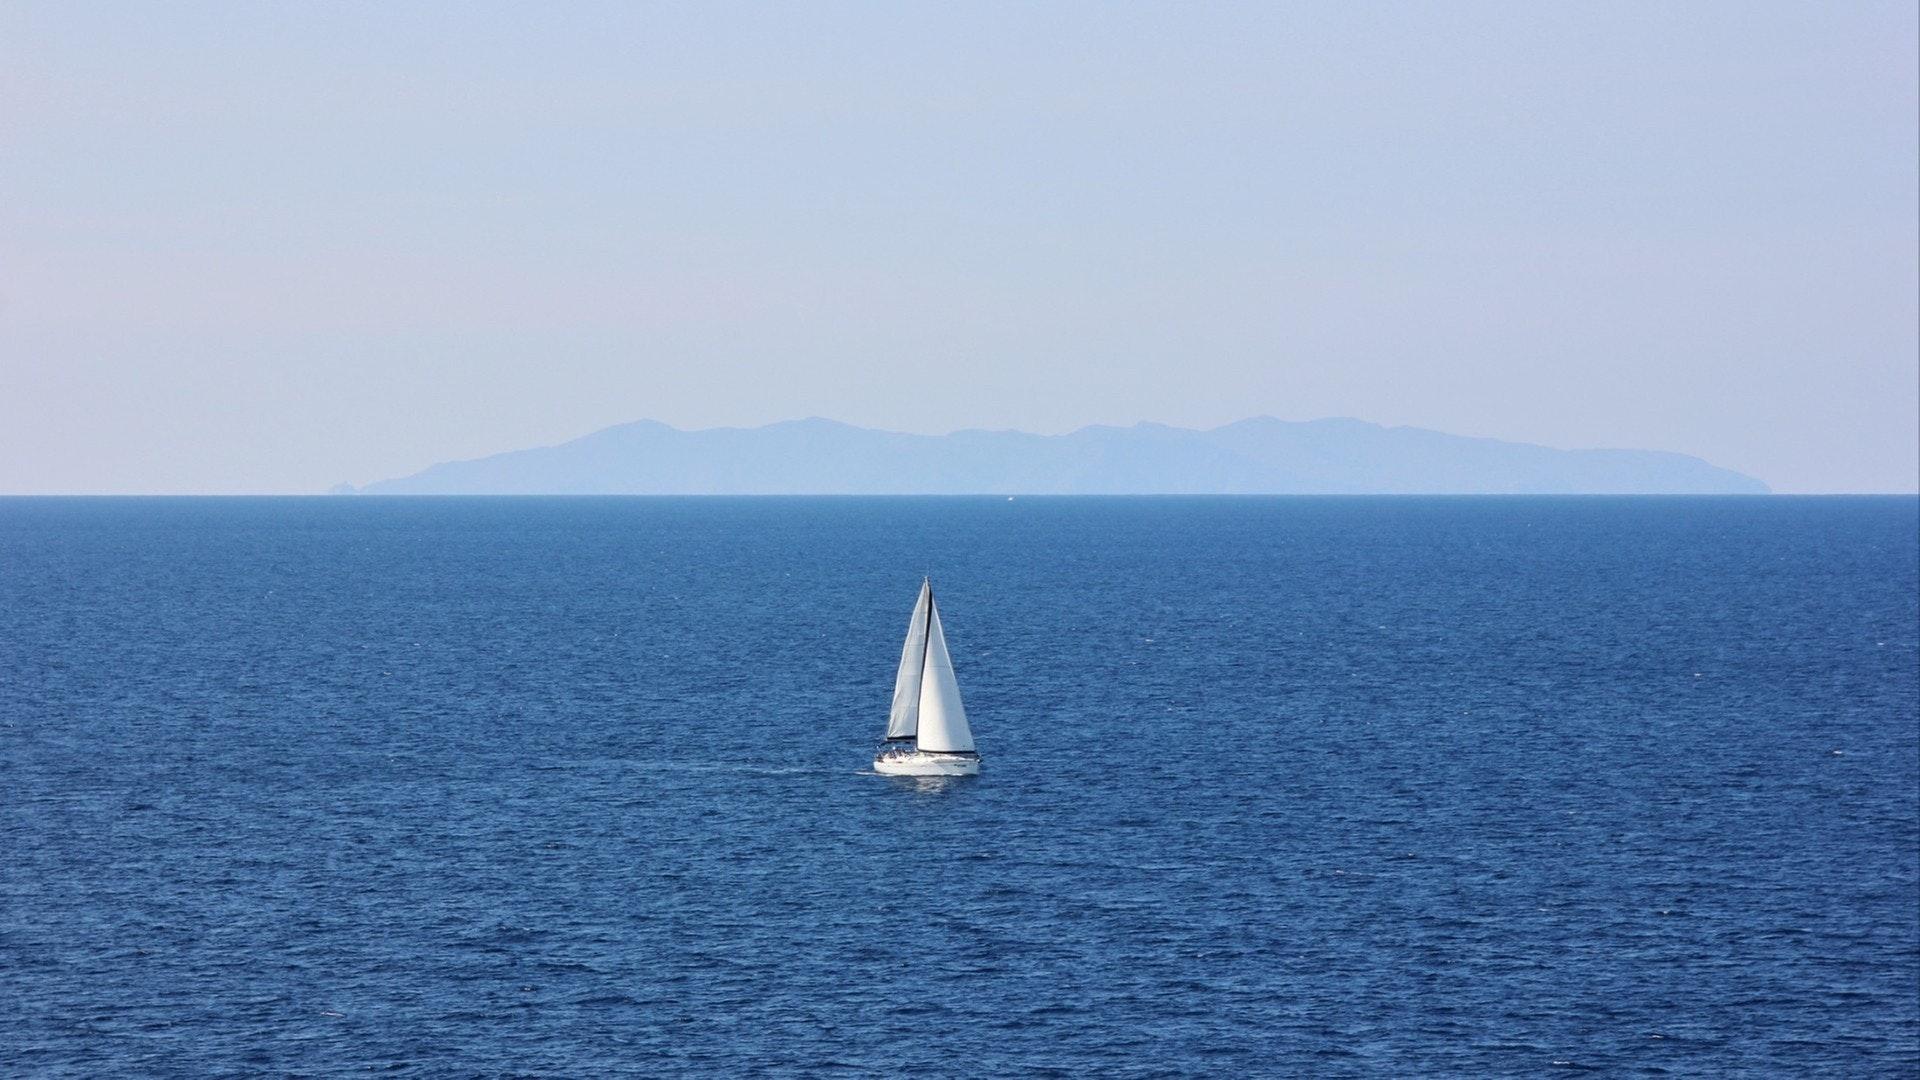 Voilier en face de l'île de Capraia. Île d'Elbe, Italie